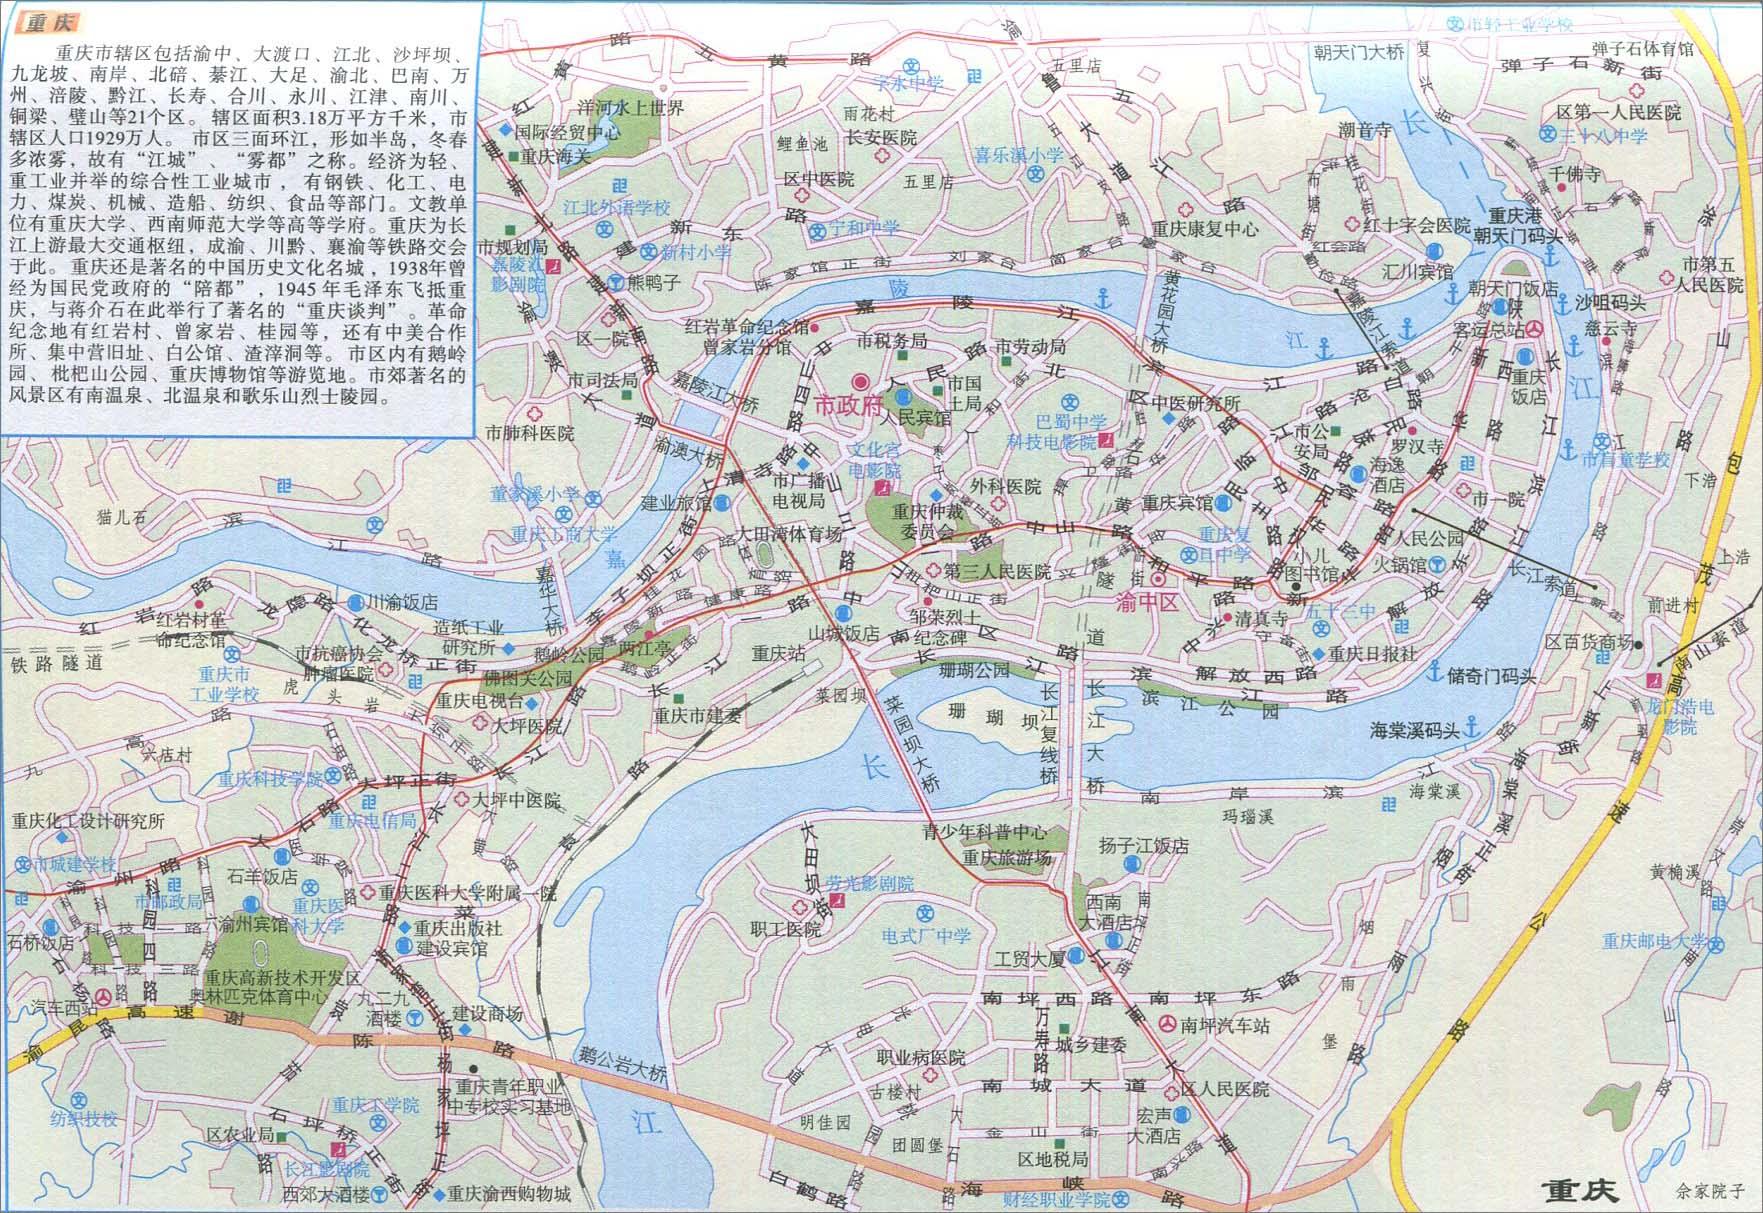 重庆城区旅游地图